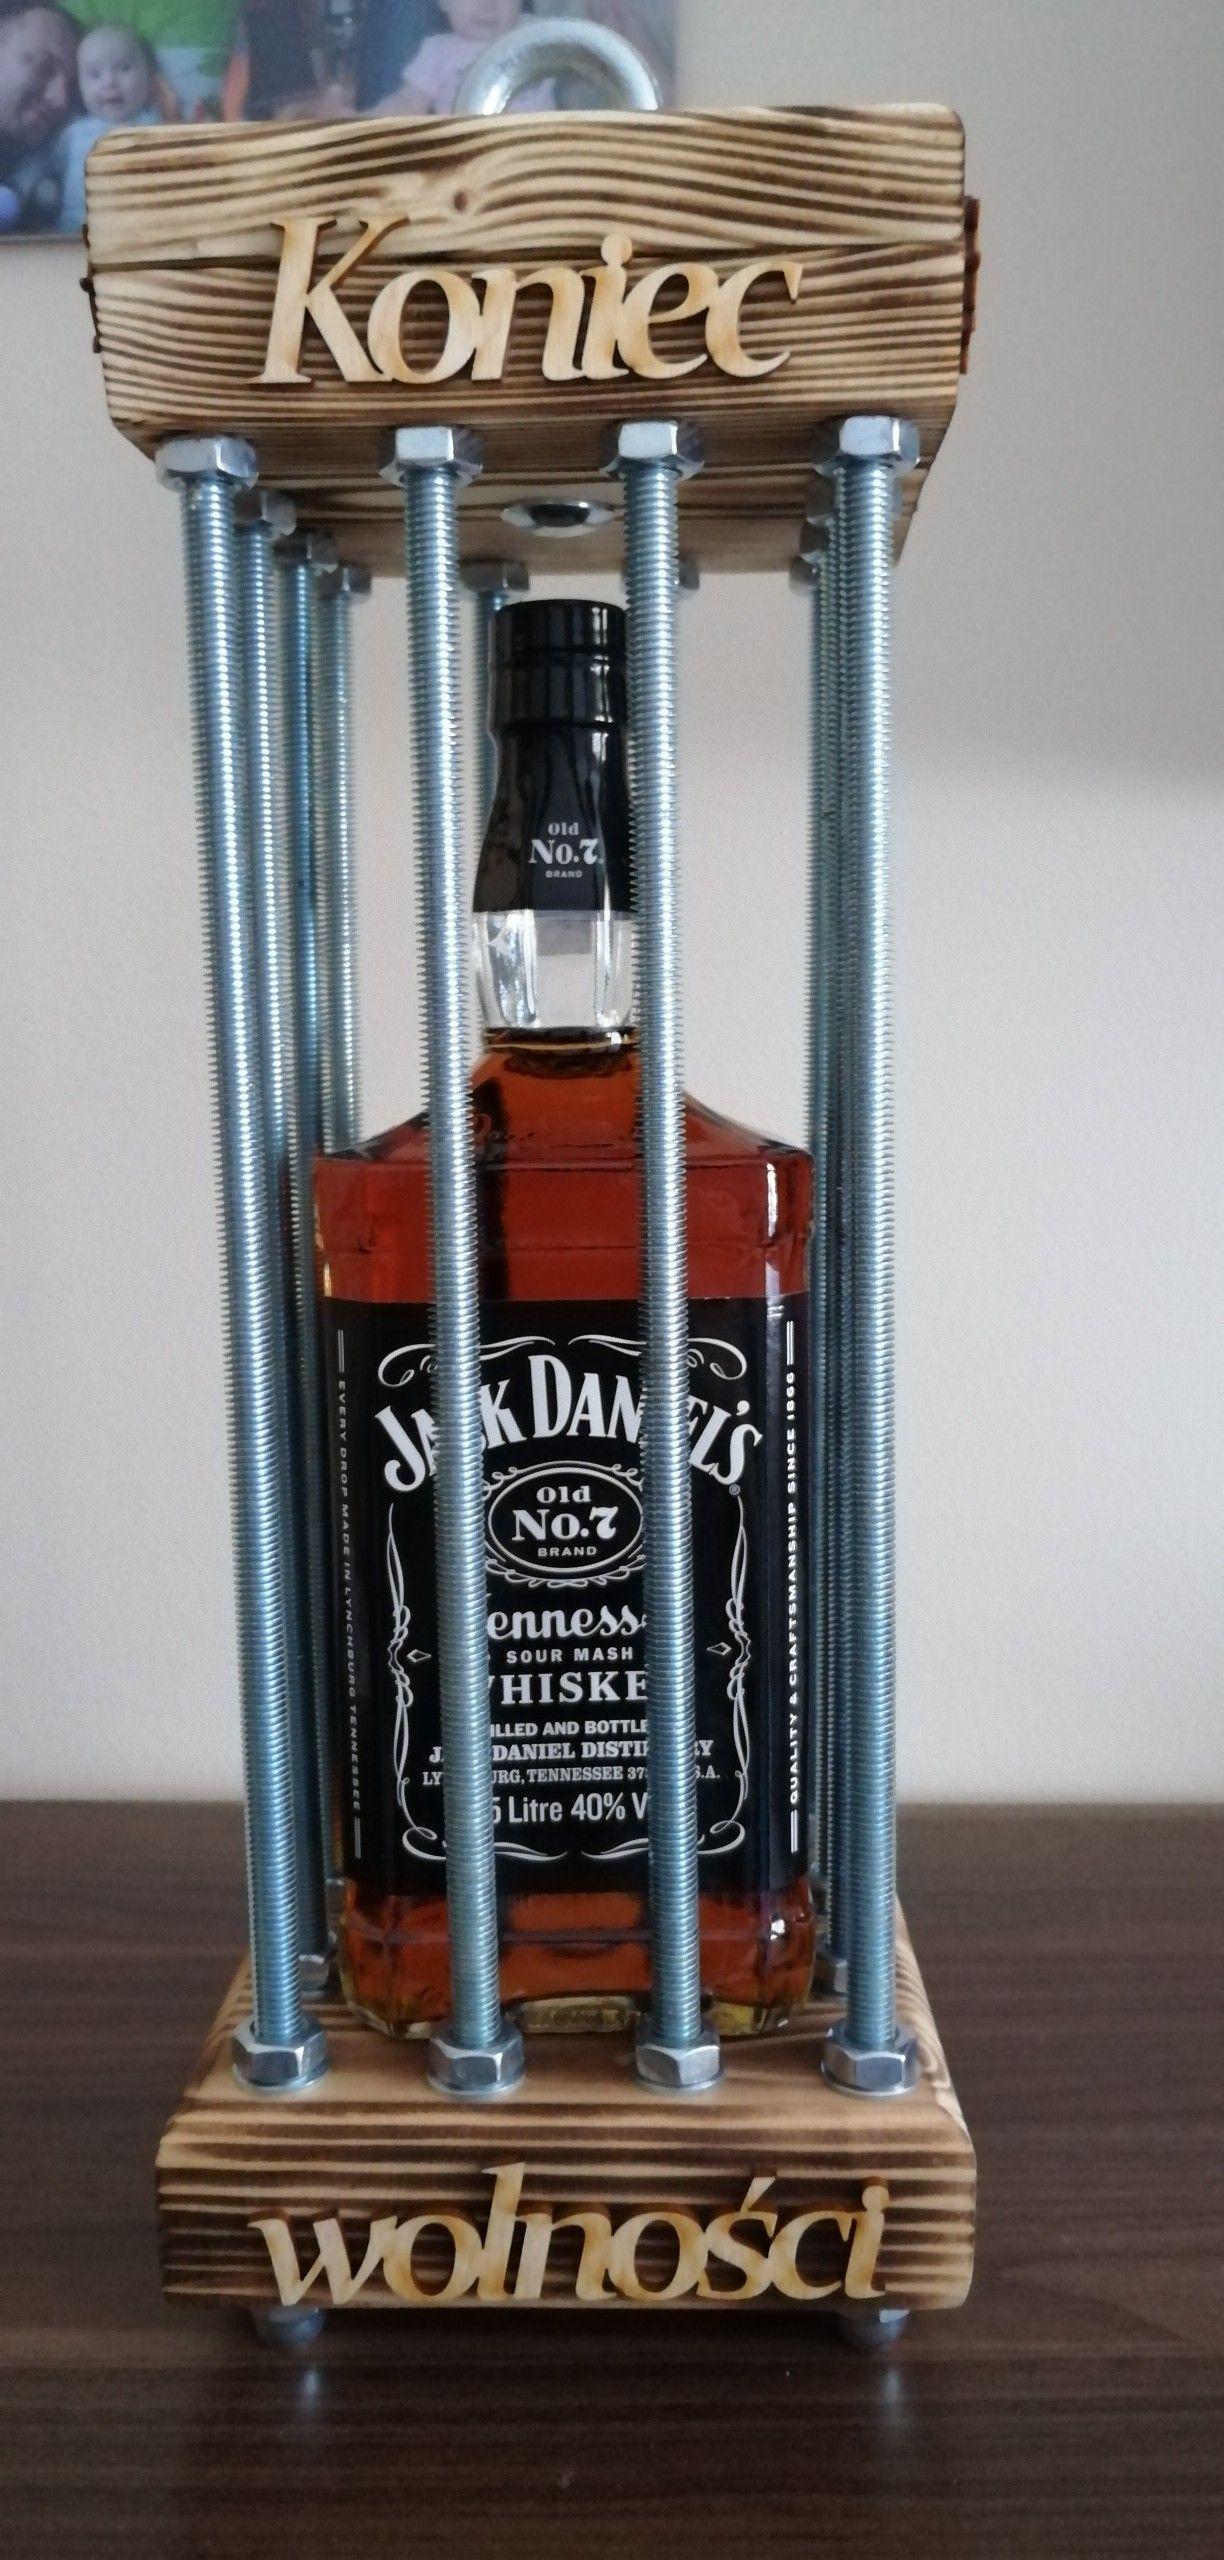 Klatka Na Alkohol Koniec Wolnosci Idealny Prezent Na Wieczor Kawalerski I Nie Tylko Olx Gifts Bottle Presents